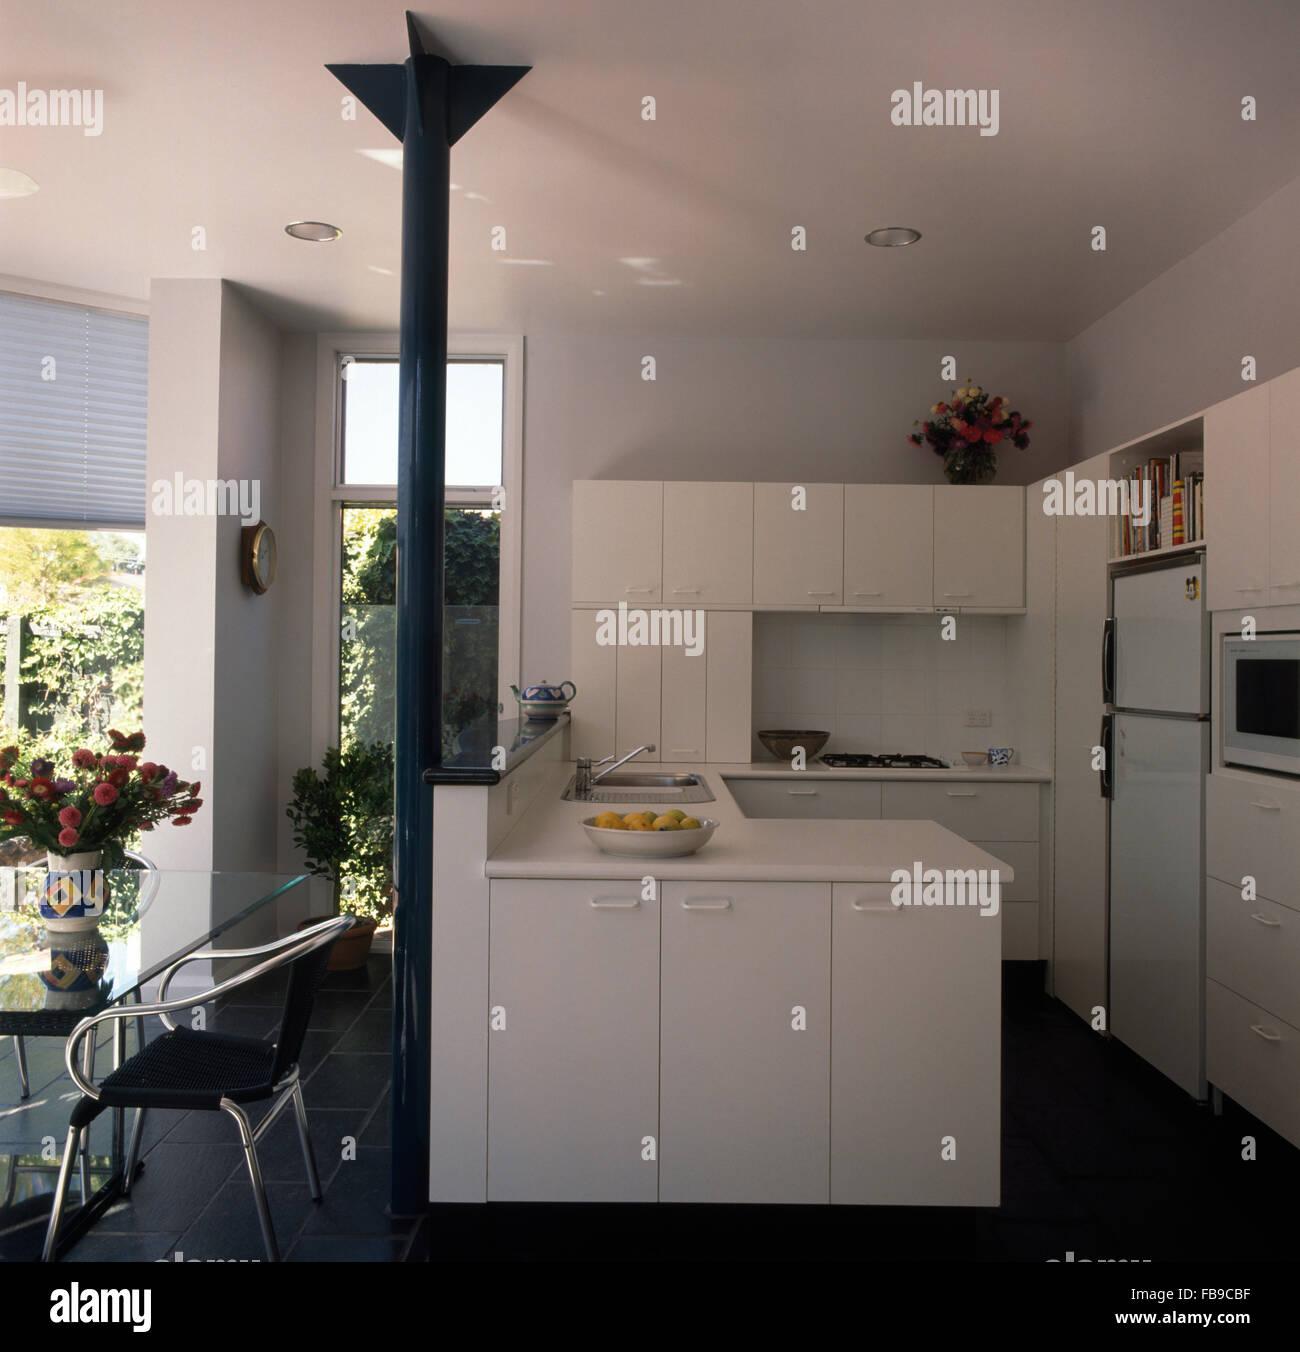 Weiß der neunziger Jahre architektonische Küche mit grauen Metall ...